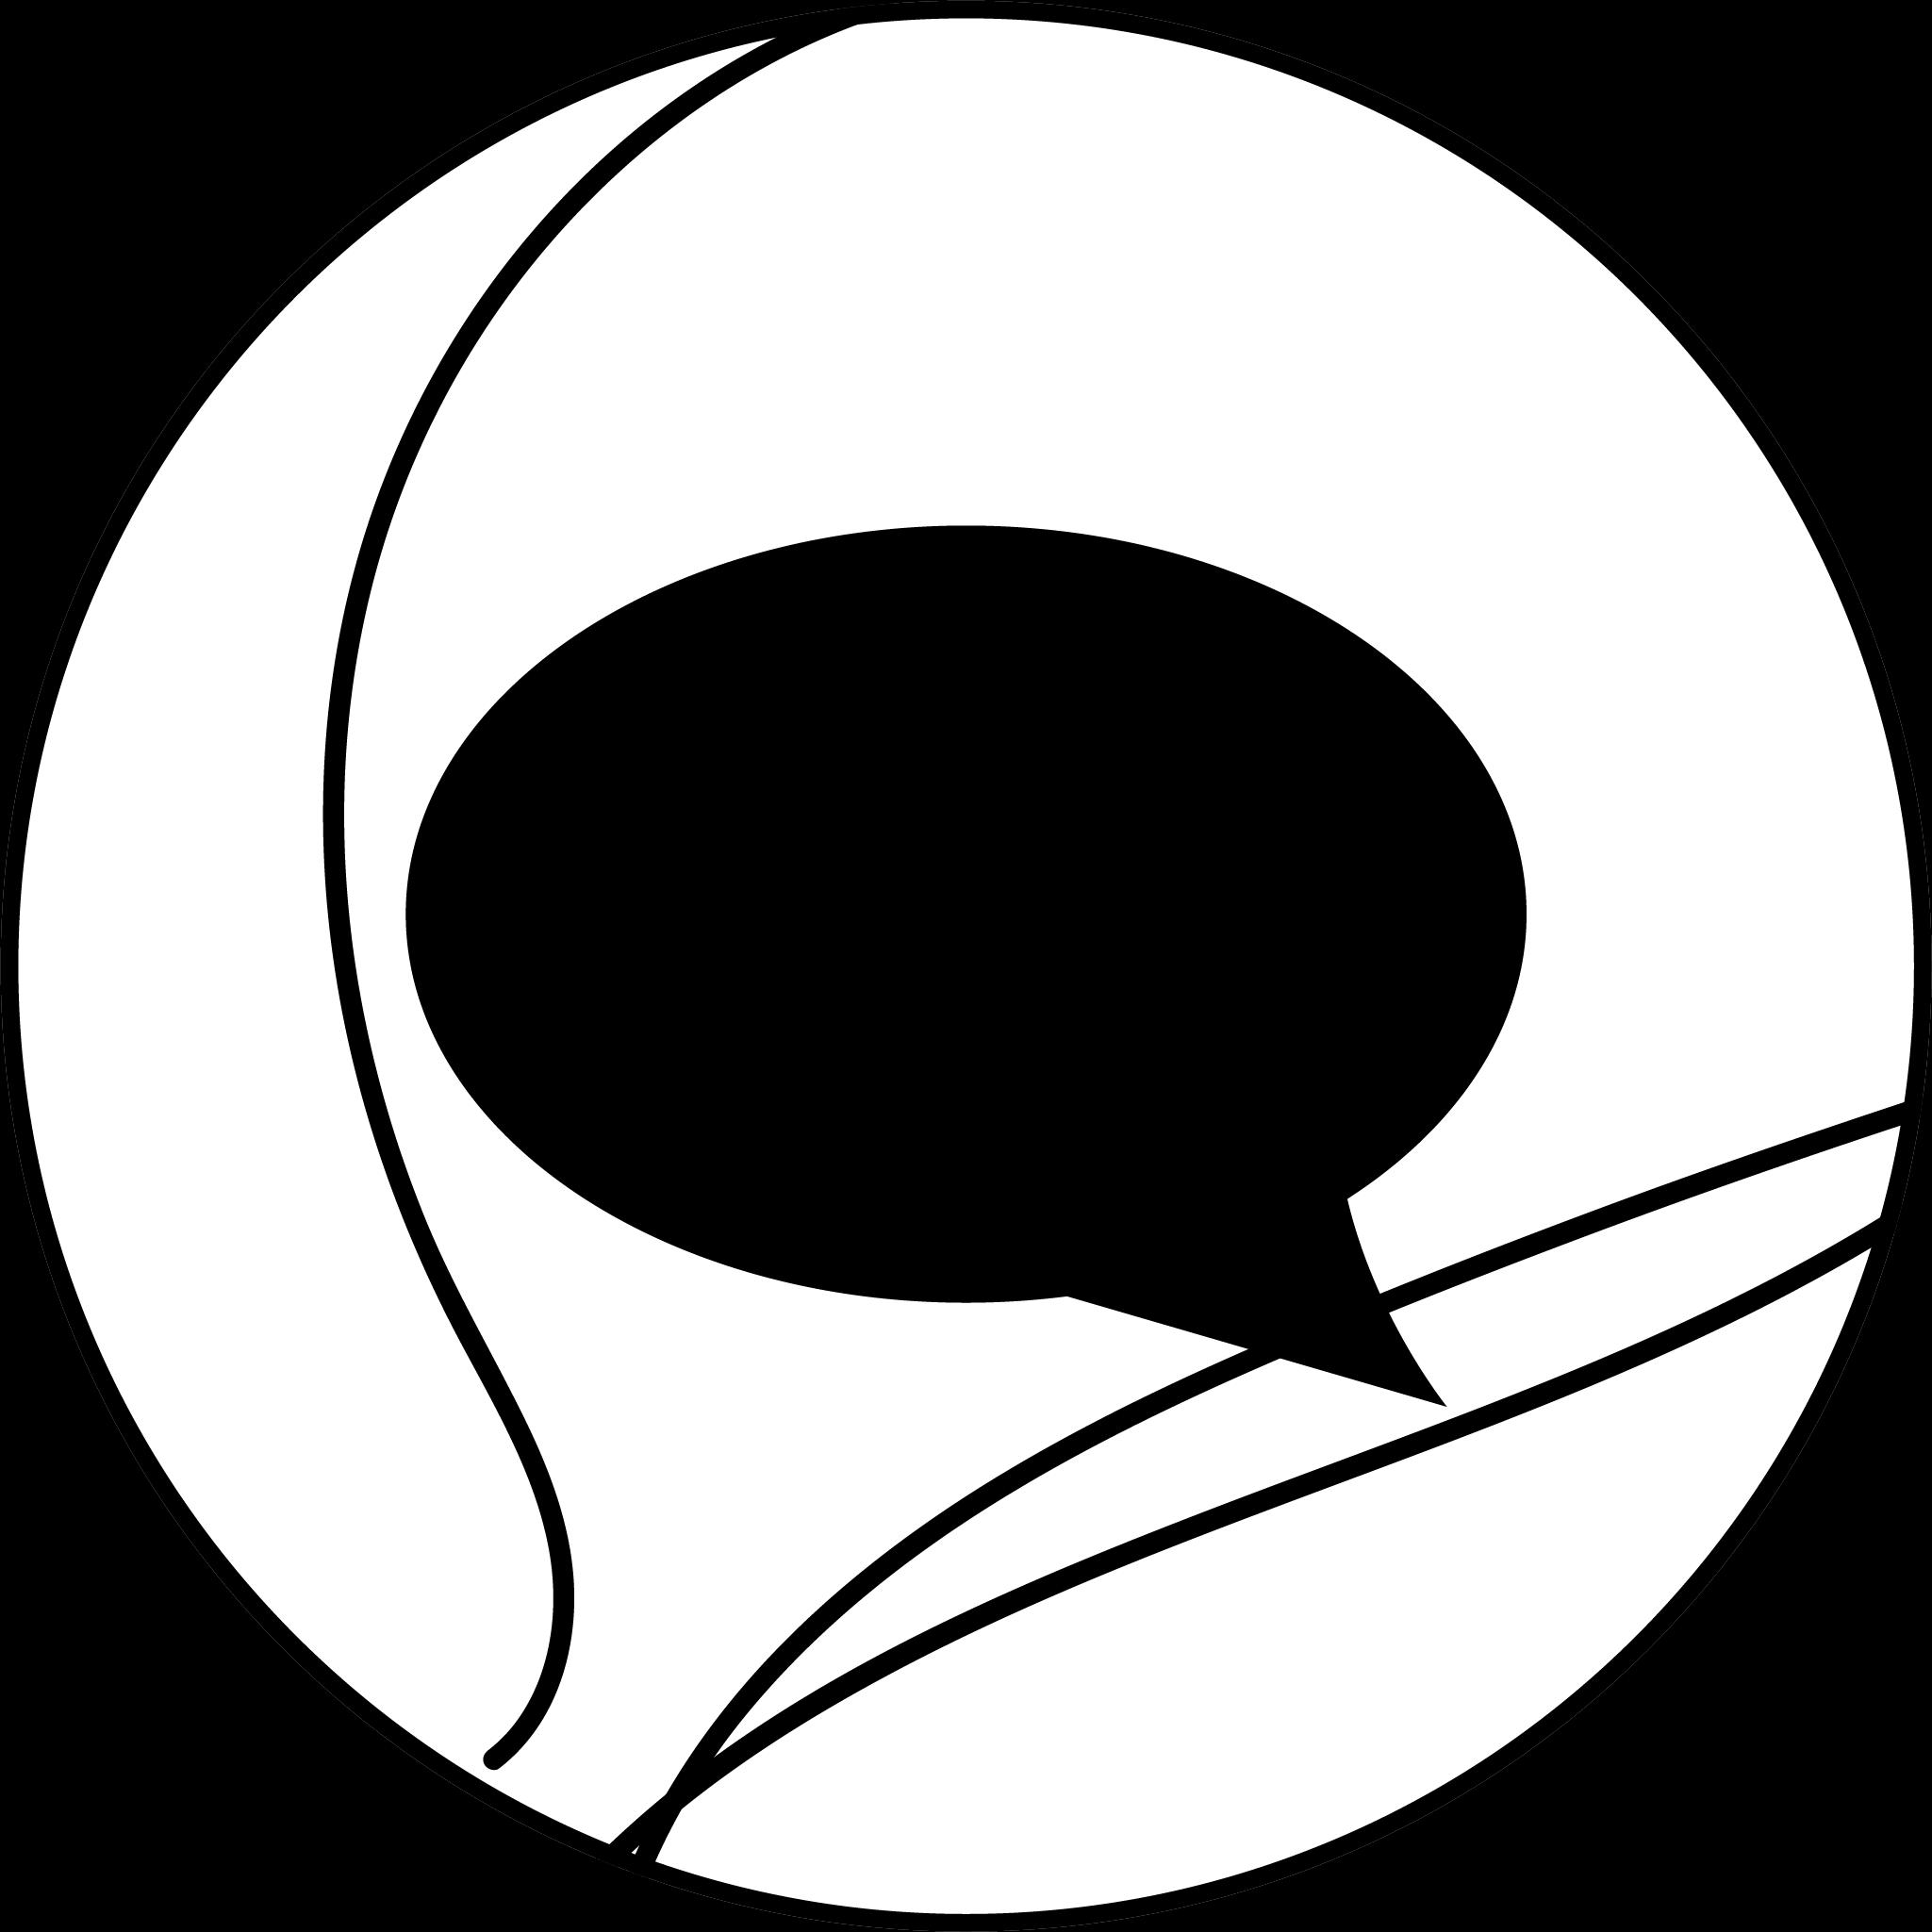 Ascolto-percorso-progettazione-identità-visiva-by-Laura-Calascibetta-graphic-designer